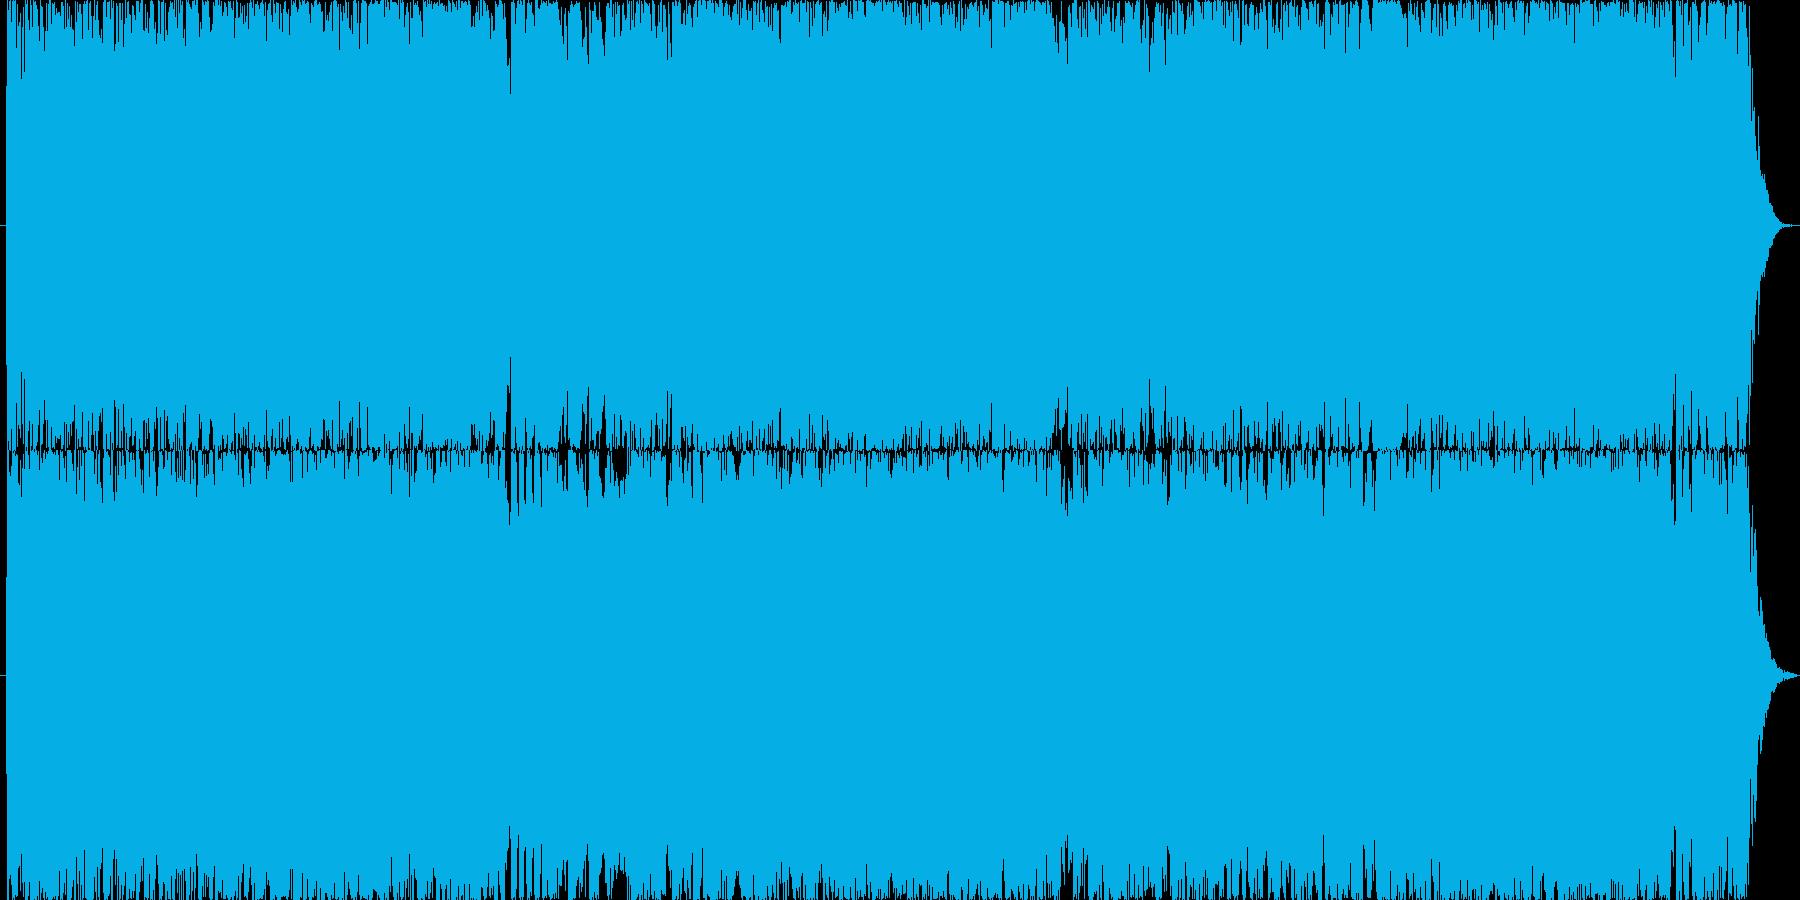 ダークファンタジーオーケストラ戦闘曲44の再生済みの波形